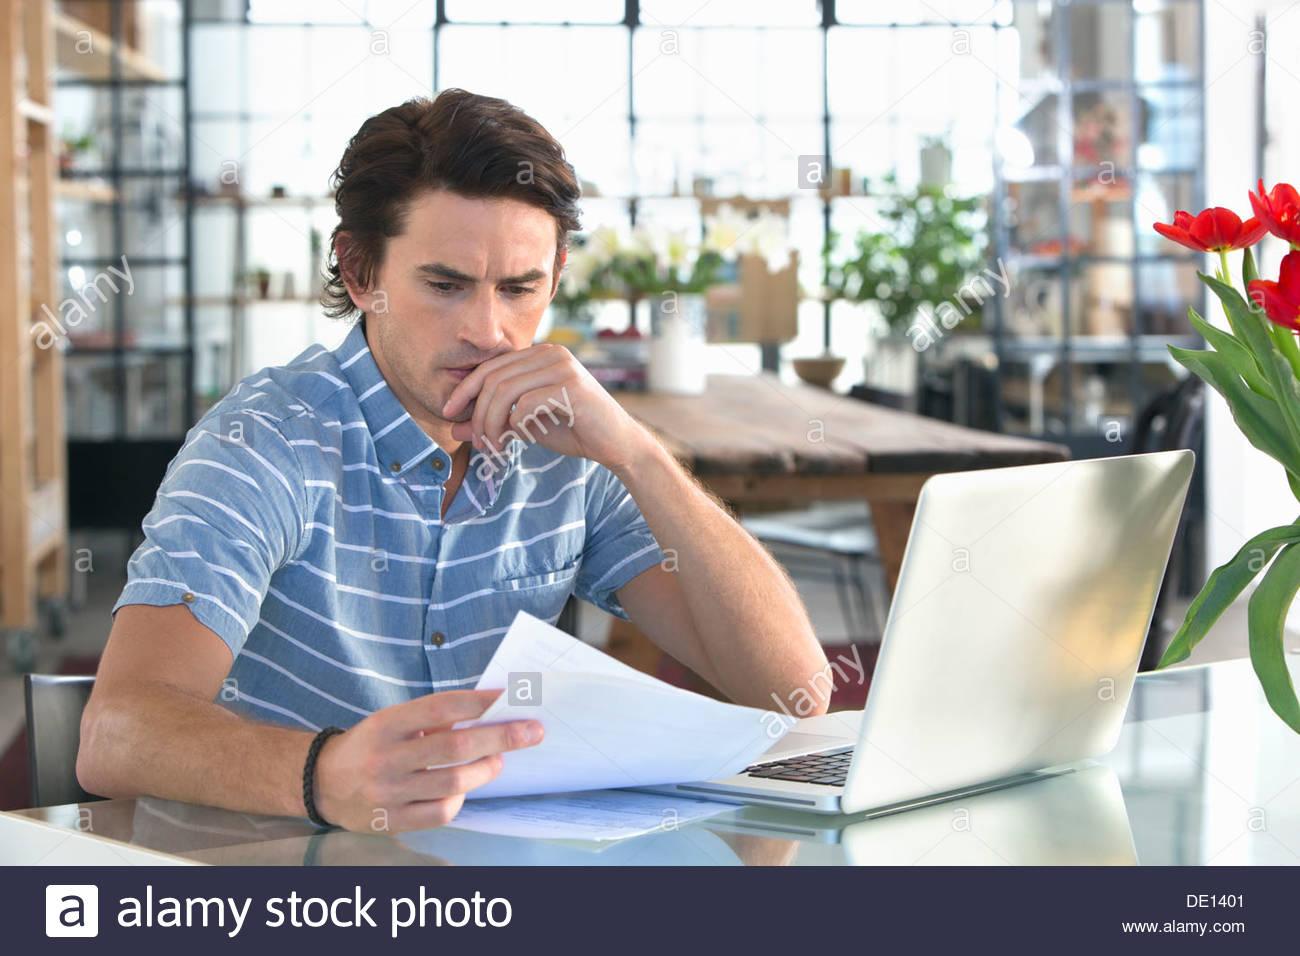 Grave Uomo con notebook che guarda la documentazione al tavolo della cucina Immagini Stock